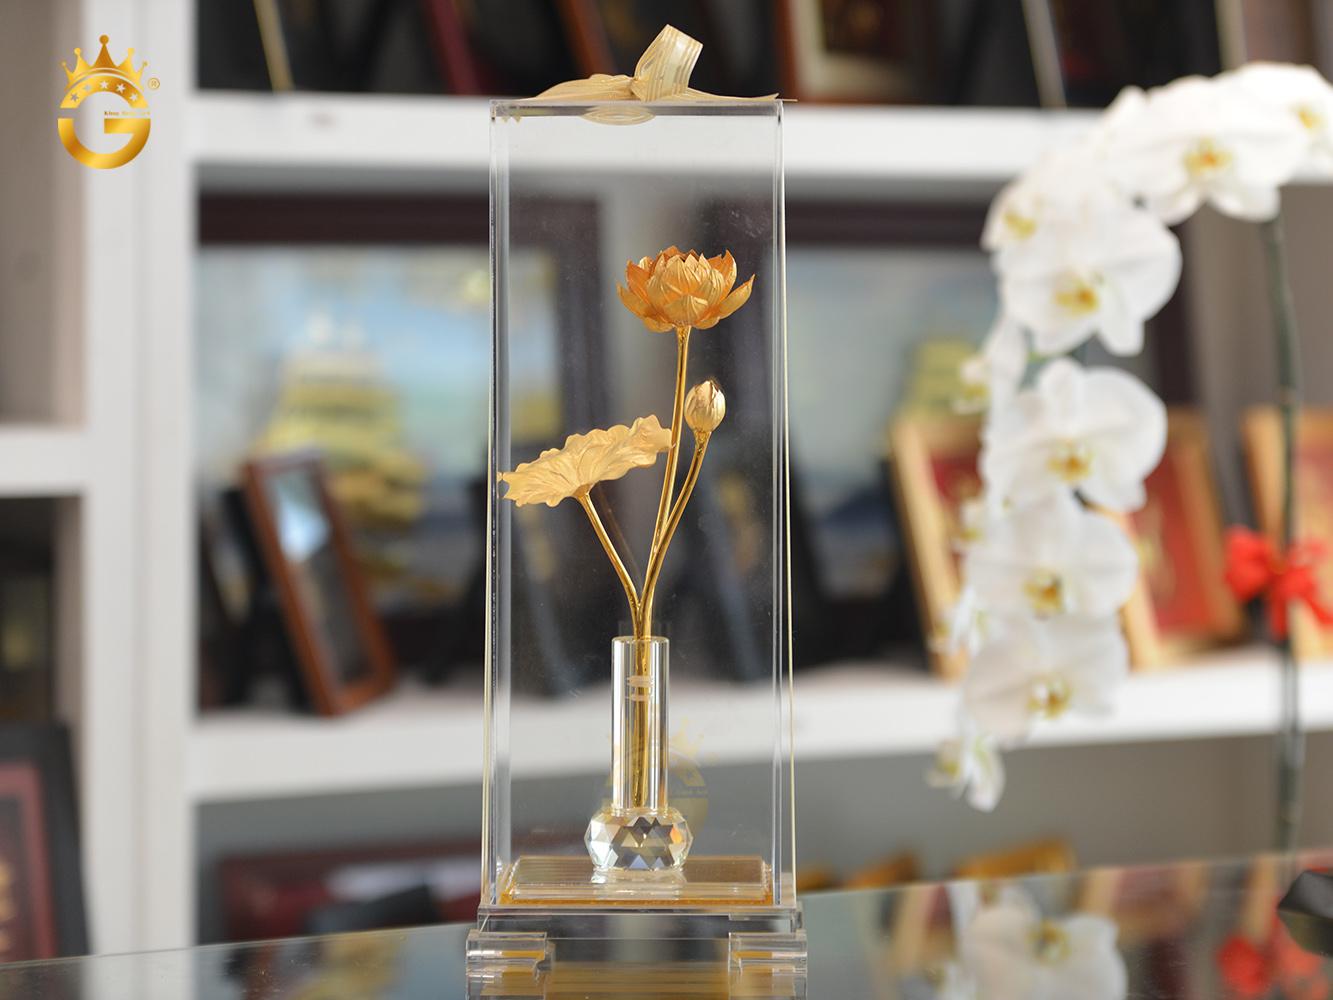 Quà tặng 20/10 cho khách hàng- bông hoa sen mạ vàng 24k